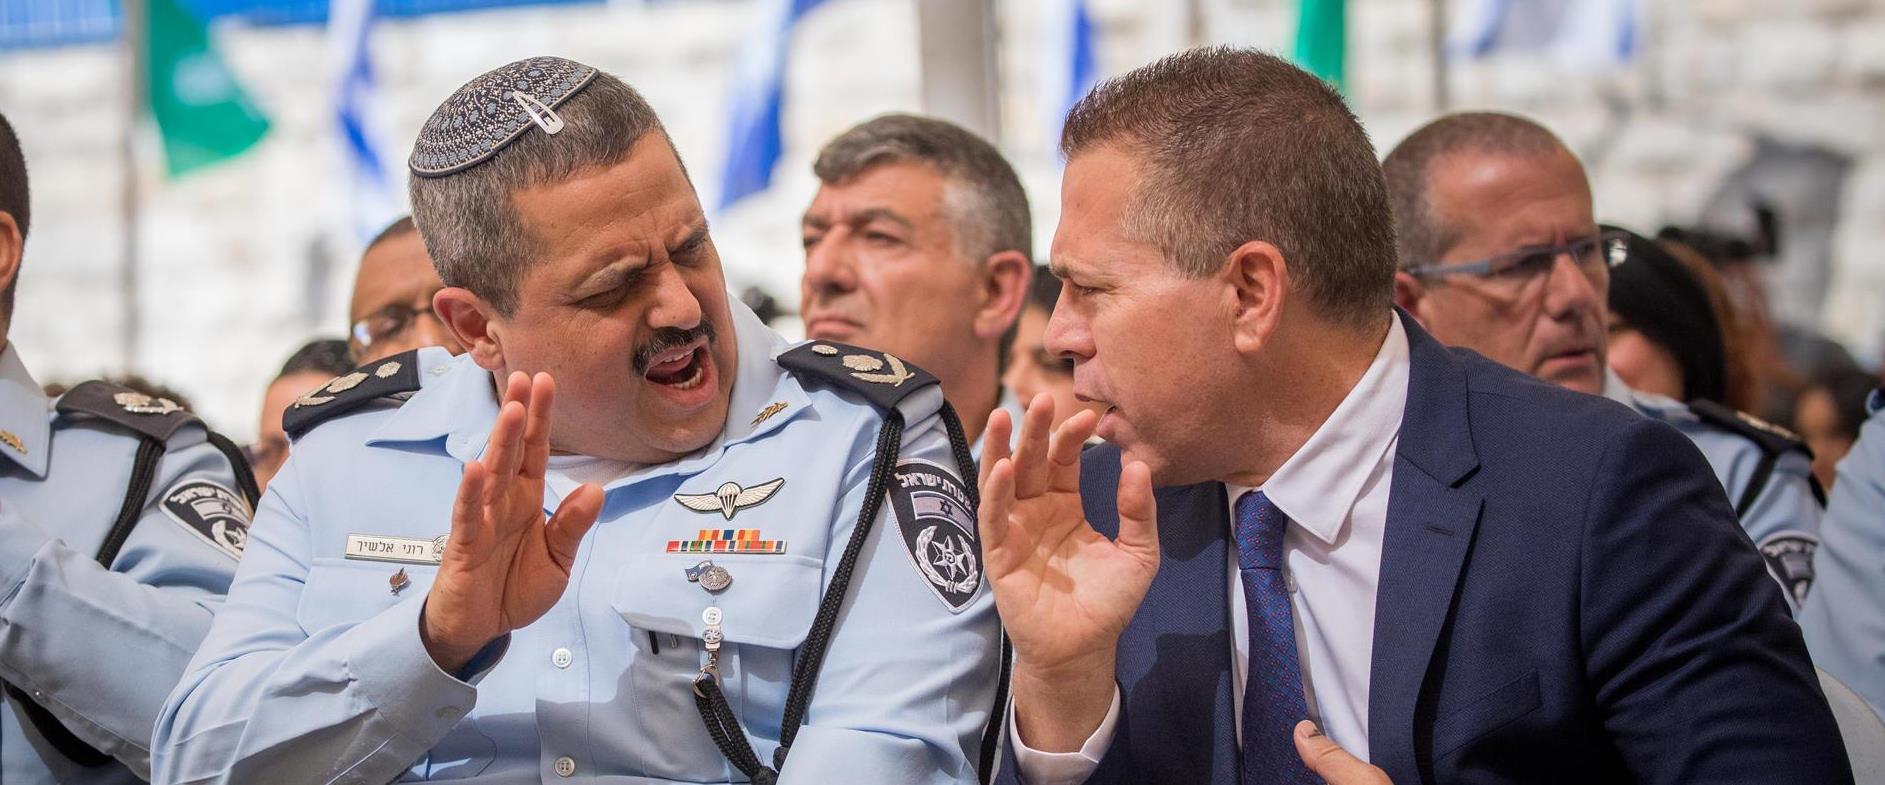 גלעד ארדן ורוני אלשיך